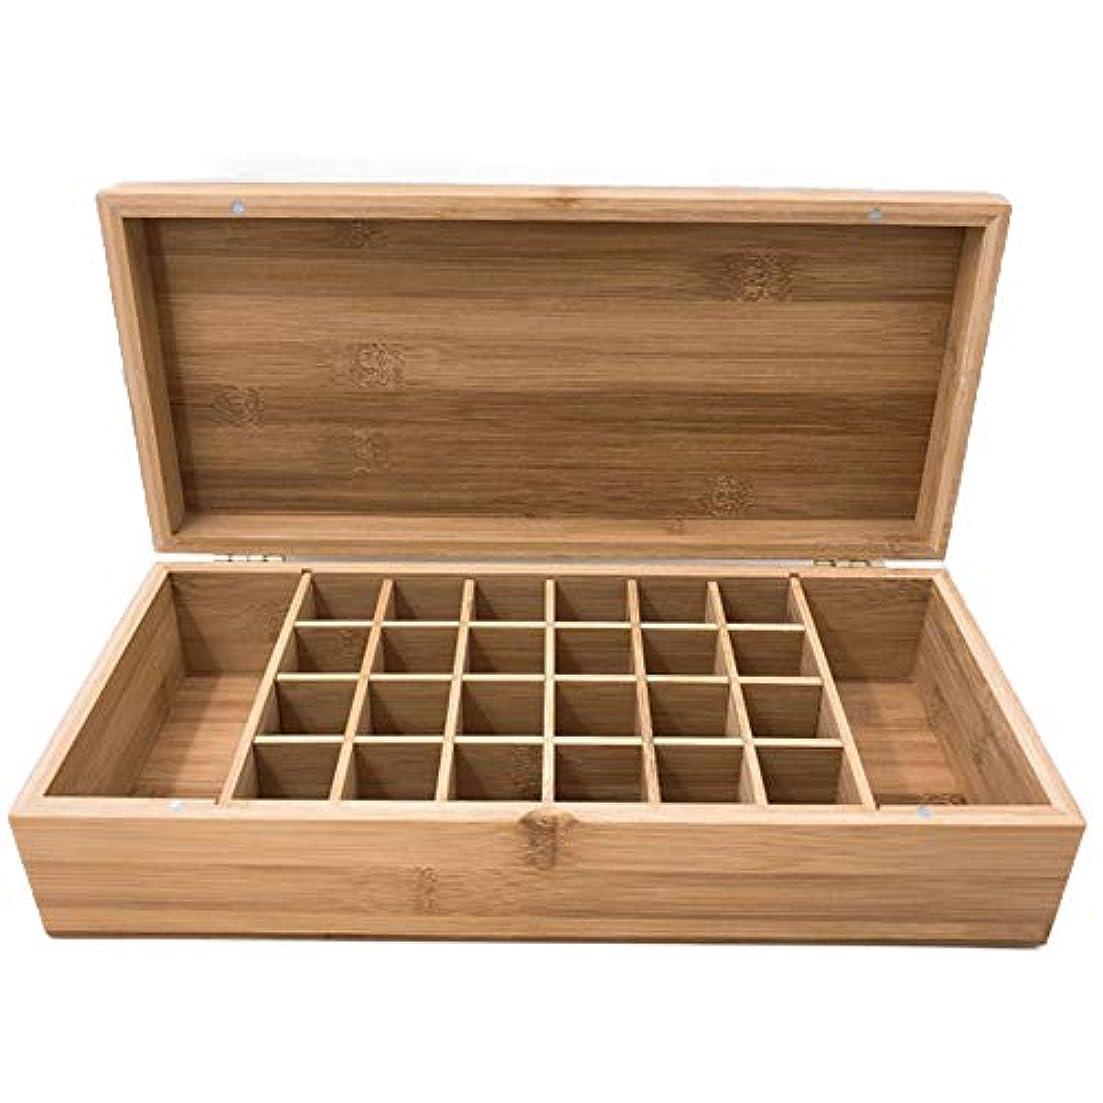 望まない校長トレッドエッセンシャルオイル収納ボックス エッセンシャルオイルストレージボックスアロマセラピー油ボトル33.5x15x8.3cmのために26個のスロット木製主催キャリングケース (色 : Natural, サイズ : 33.5X15X8.3CM)